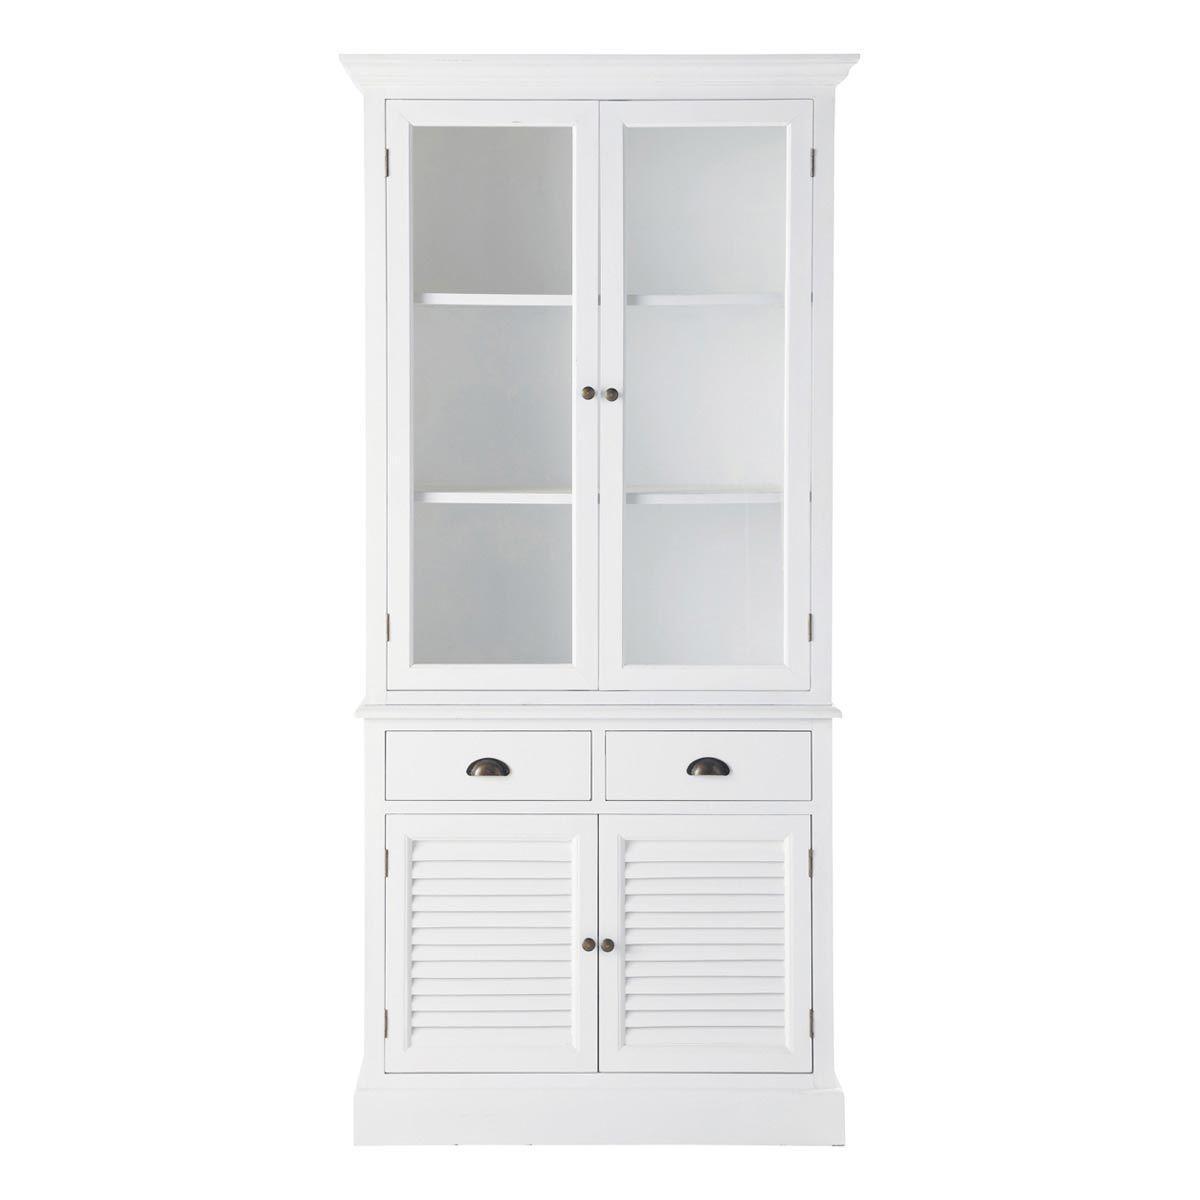 geschirrschrank wei geschirrschrank schr nkchen und flure. Black Bedroom Furniture Sets. Home Design Ideas